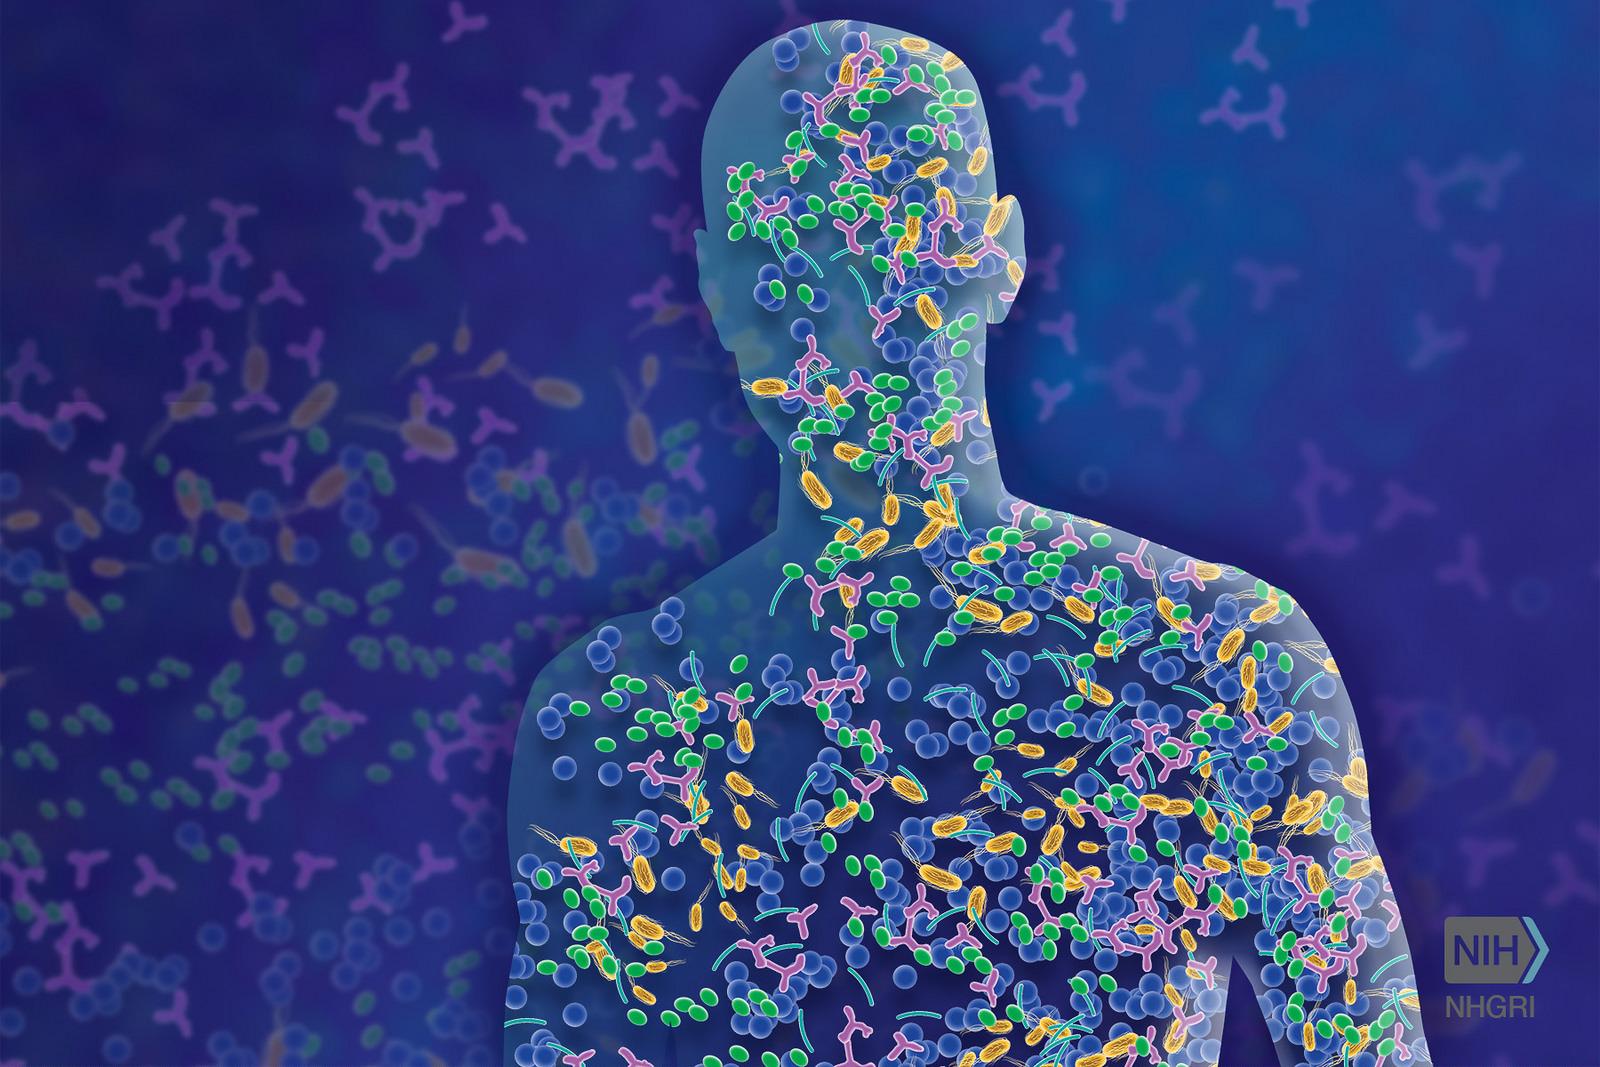 Life Companions: Microbiomes